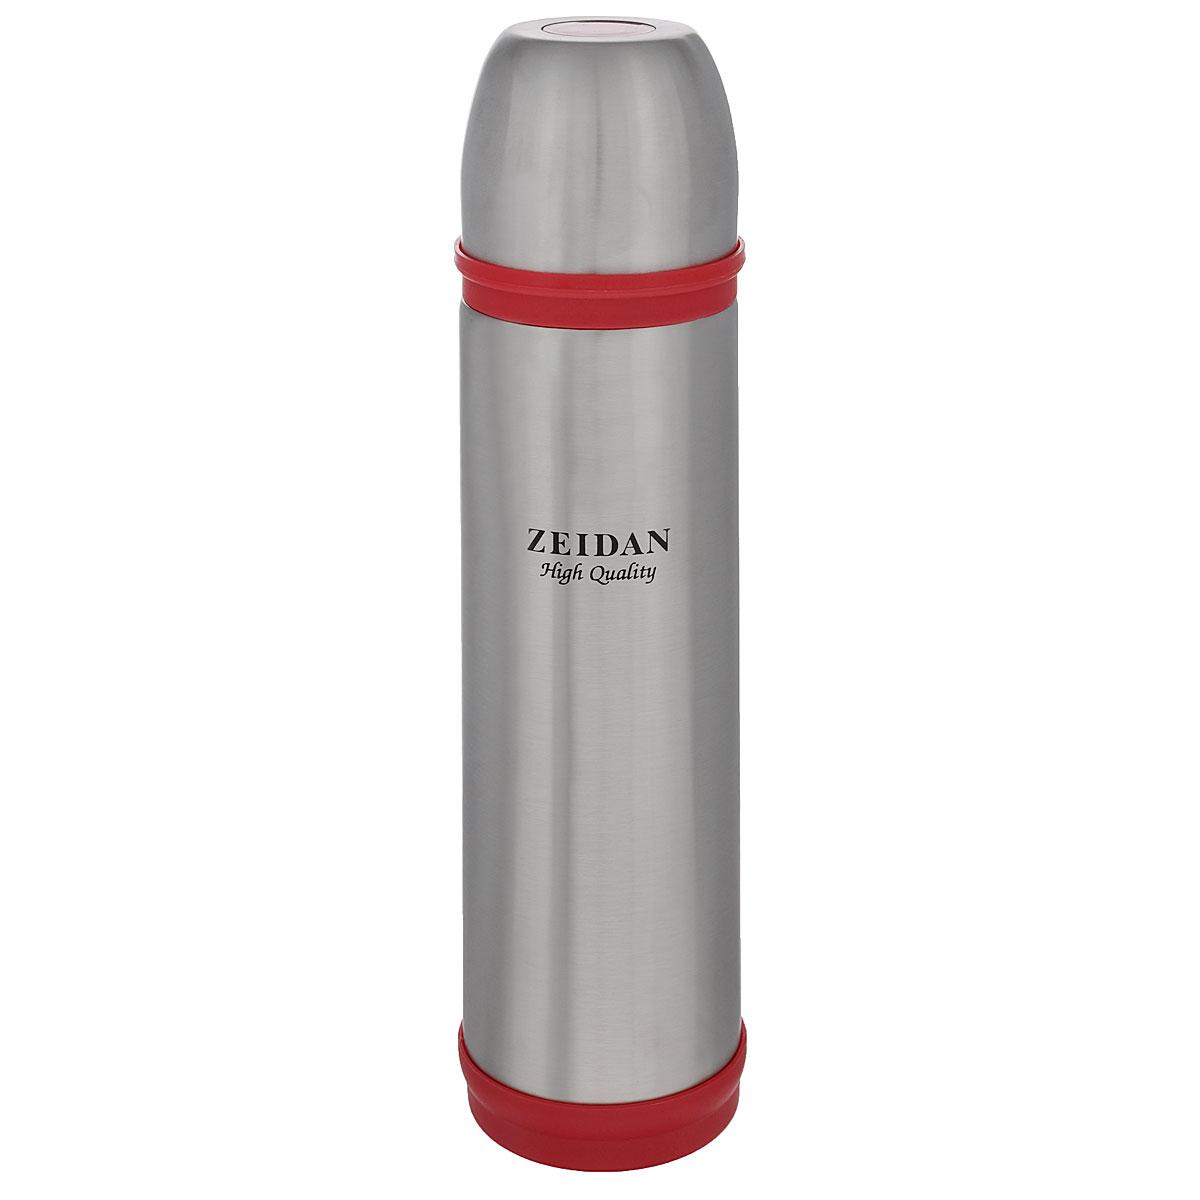 Термос Zeidan, цвет: красный, серебристый, 750 млZ-9037 КрасныйТермос с узким горлом Zeidan, изготовленный из высококачественной нержавеющей стали, является простым в использовании, экономичным и многофункциональным. Термос с двухстеночной вакуумной изоляцией предназначен для хранения горячих и холодных напитков (чая, кофе). Изделие укомплектовано пробкой с кнопкой. Такая пробка удобна в использовании и позволяет, не отвинчивая ее, наливать напитки после простого нажатия. Изделие также оснащено крышкой-чашкой. Легкий и прочный термос Zeidan сохранит ваши напитки горячими или холодными надолго.Высота (с учетом крышки): 30 см.Диаметр горлышка: 4,5 см.